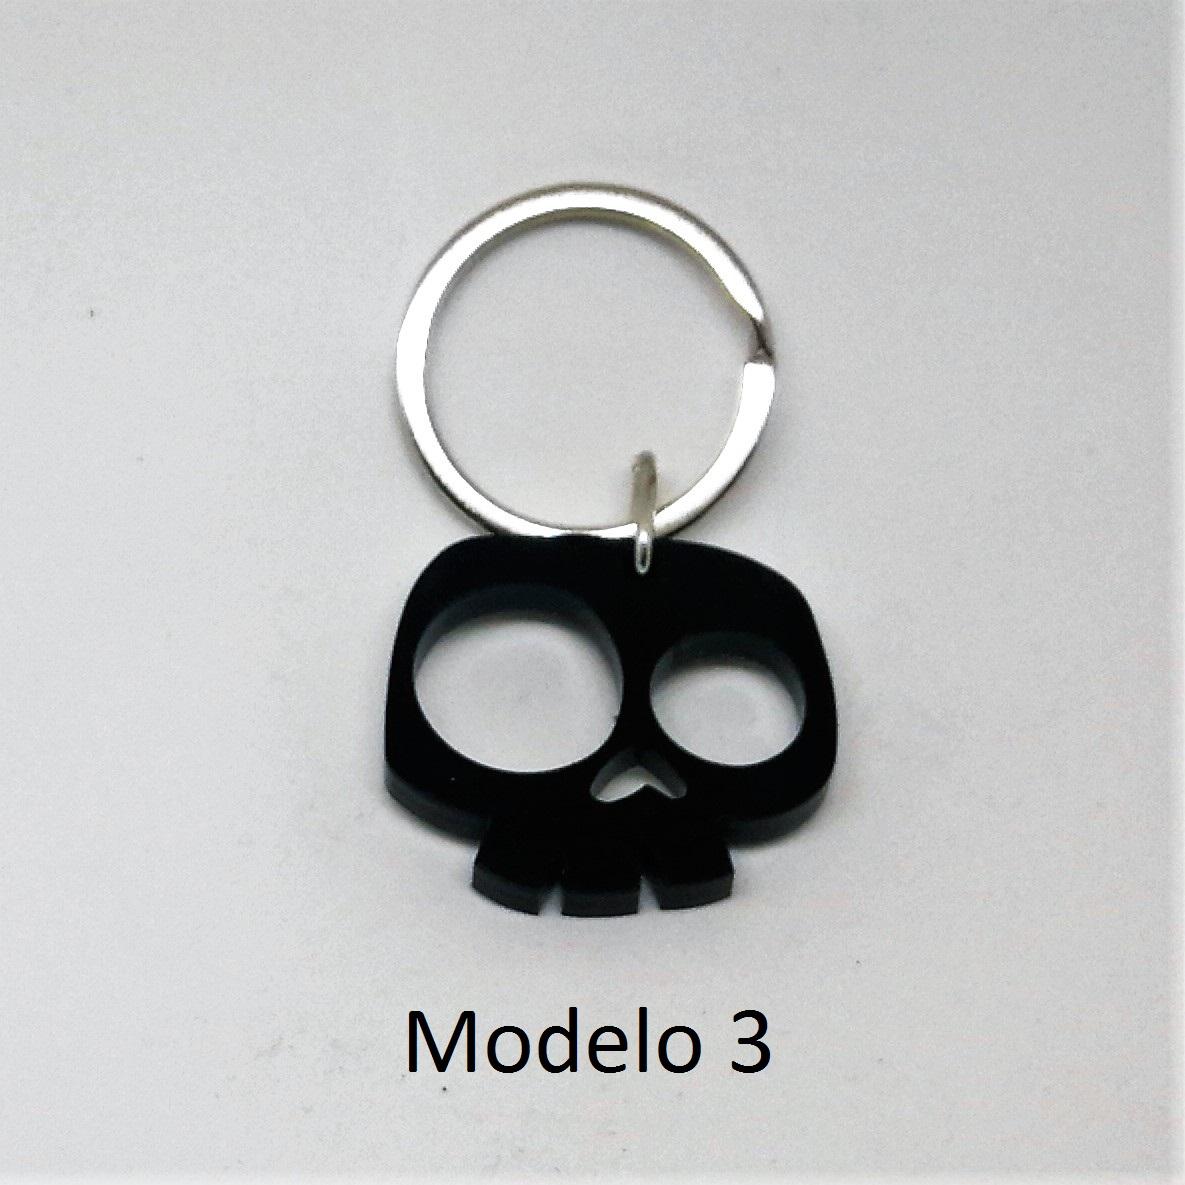 Llavero calavera metacrilato (modelo 3)